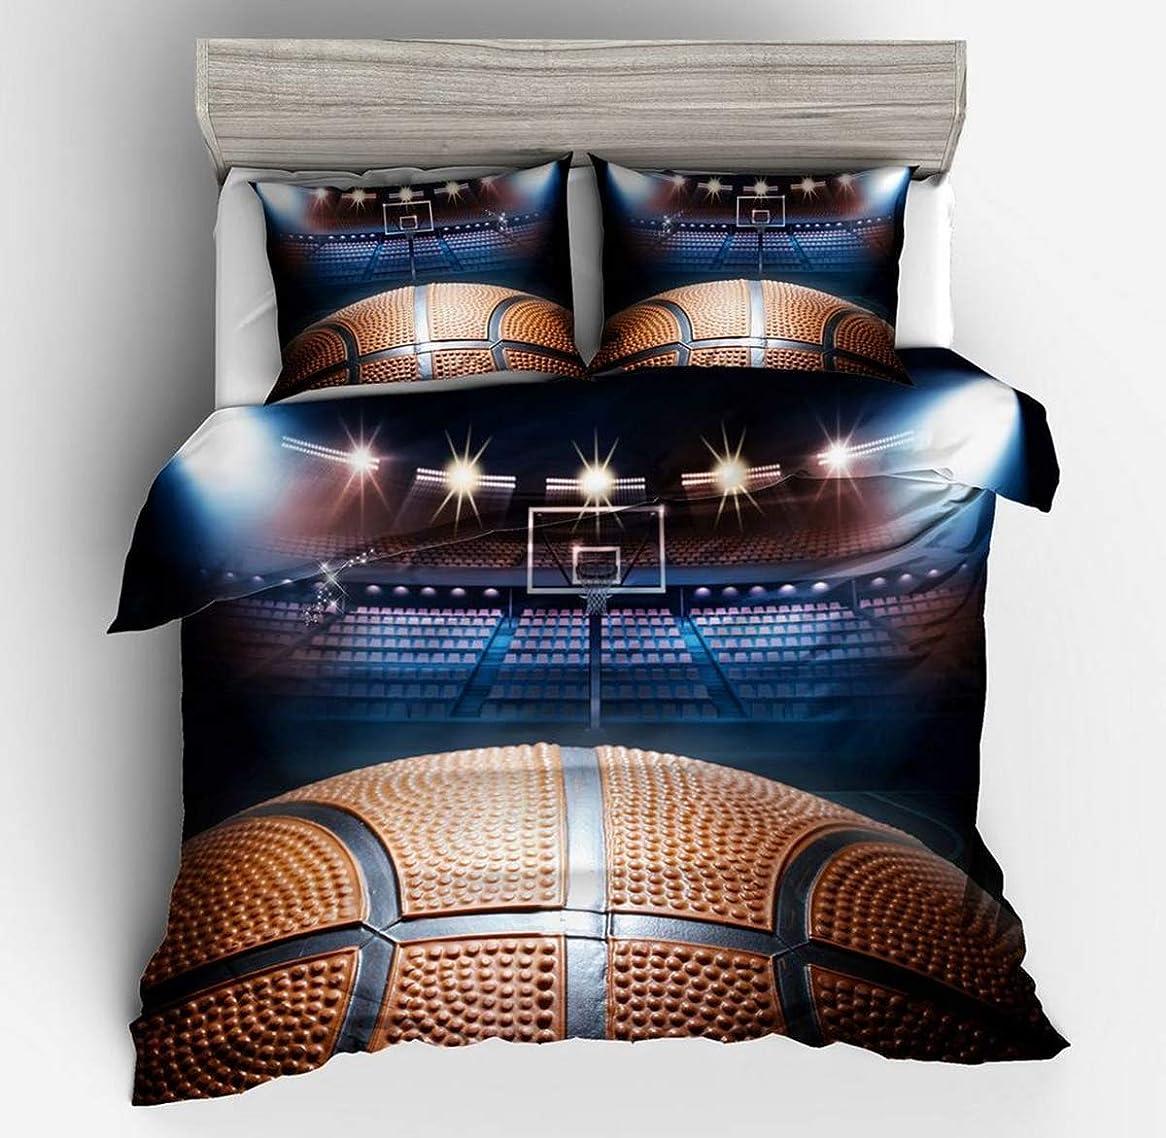 前件散文二度3D バスケットボール十代の若者たちの大人のためのプリント布団カバー寝具セットゴシックスタイルのキルト布団カバー,EUSingle135*200cm/50*75cm*2